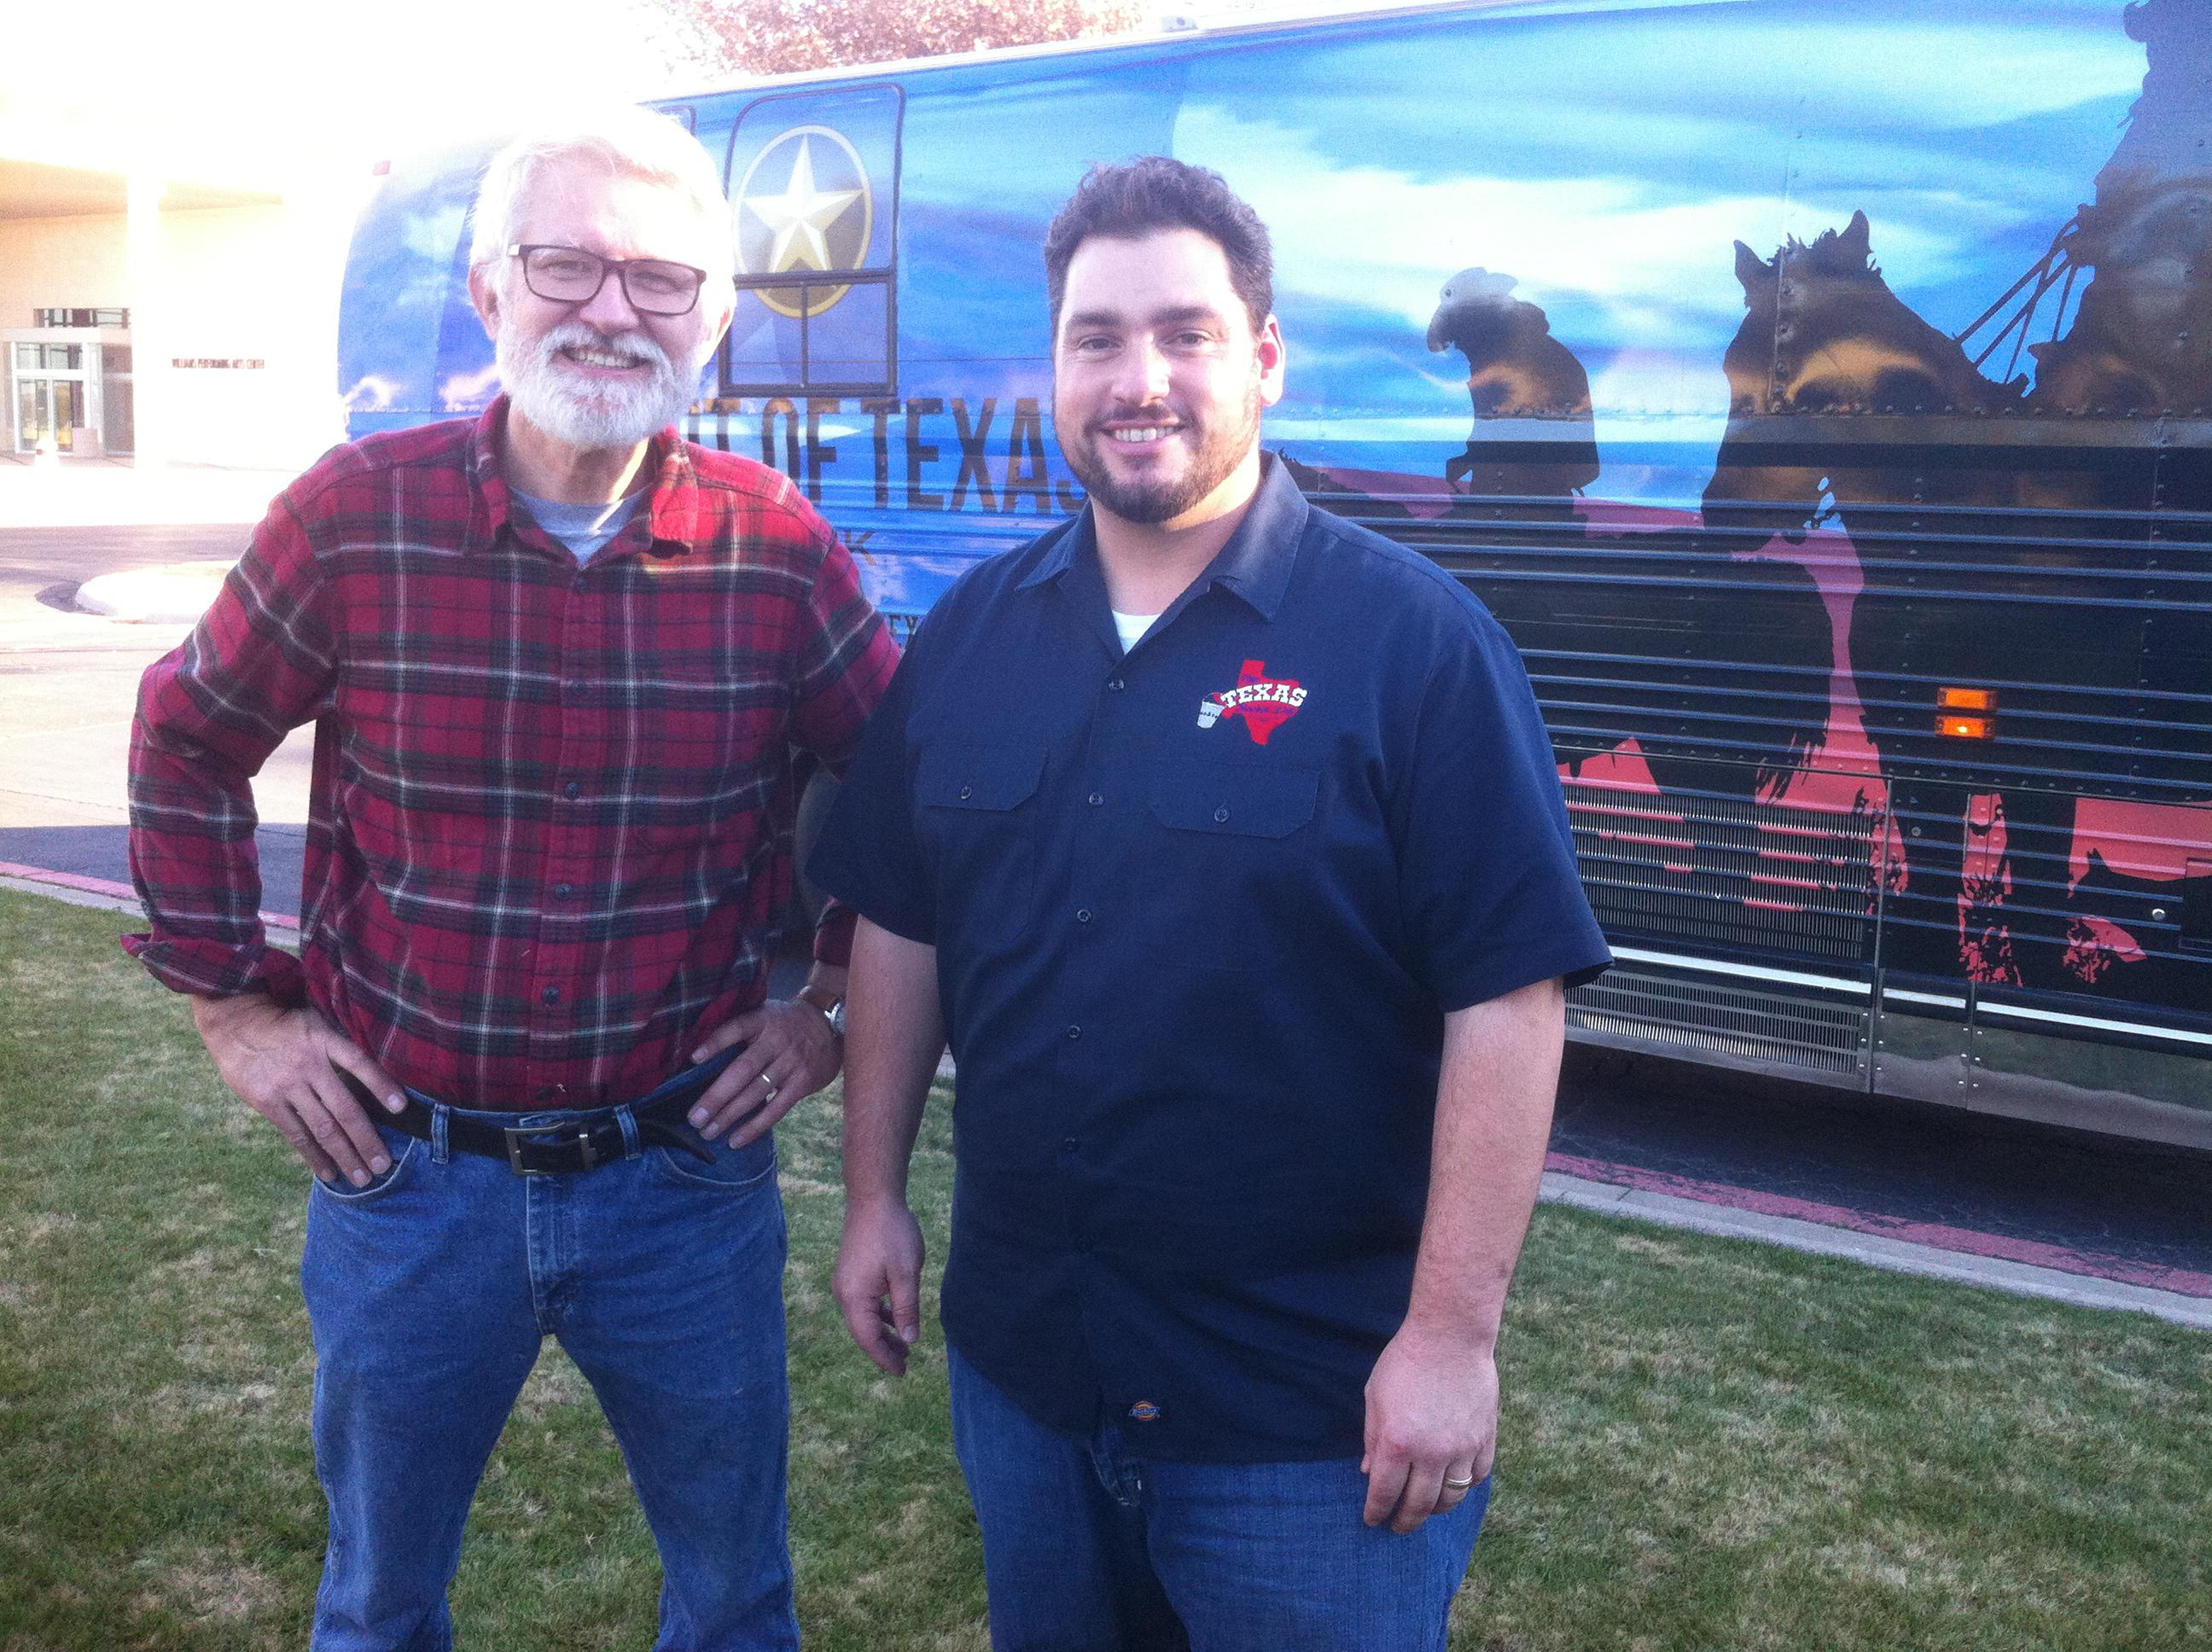 Jacob S Dream Lands On The Texas Bucket List Acu Today Abilene Christian University Acu Today Abilene Christian University